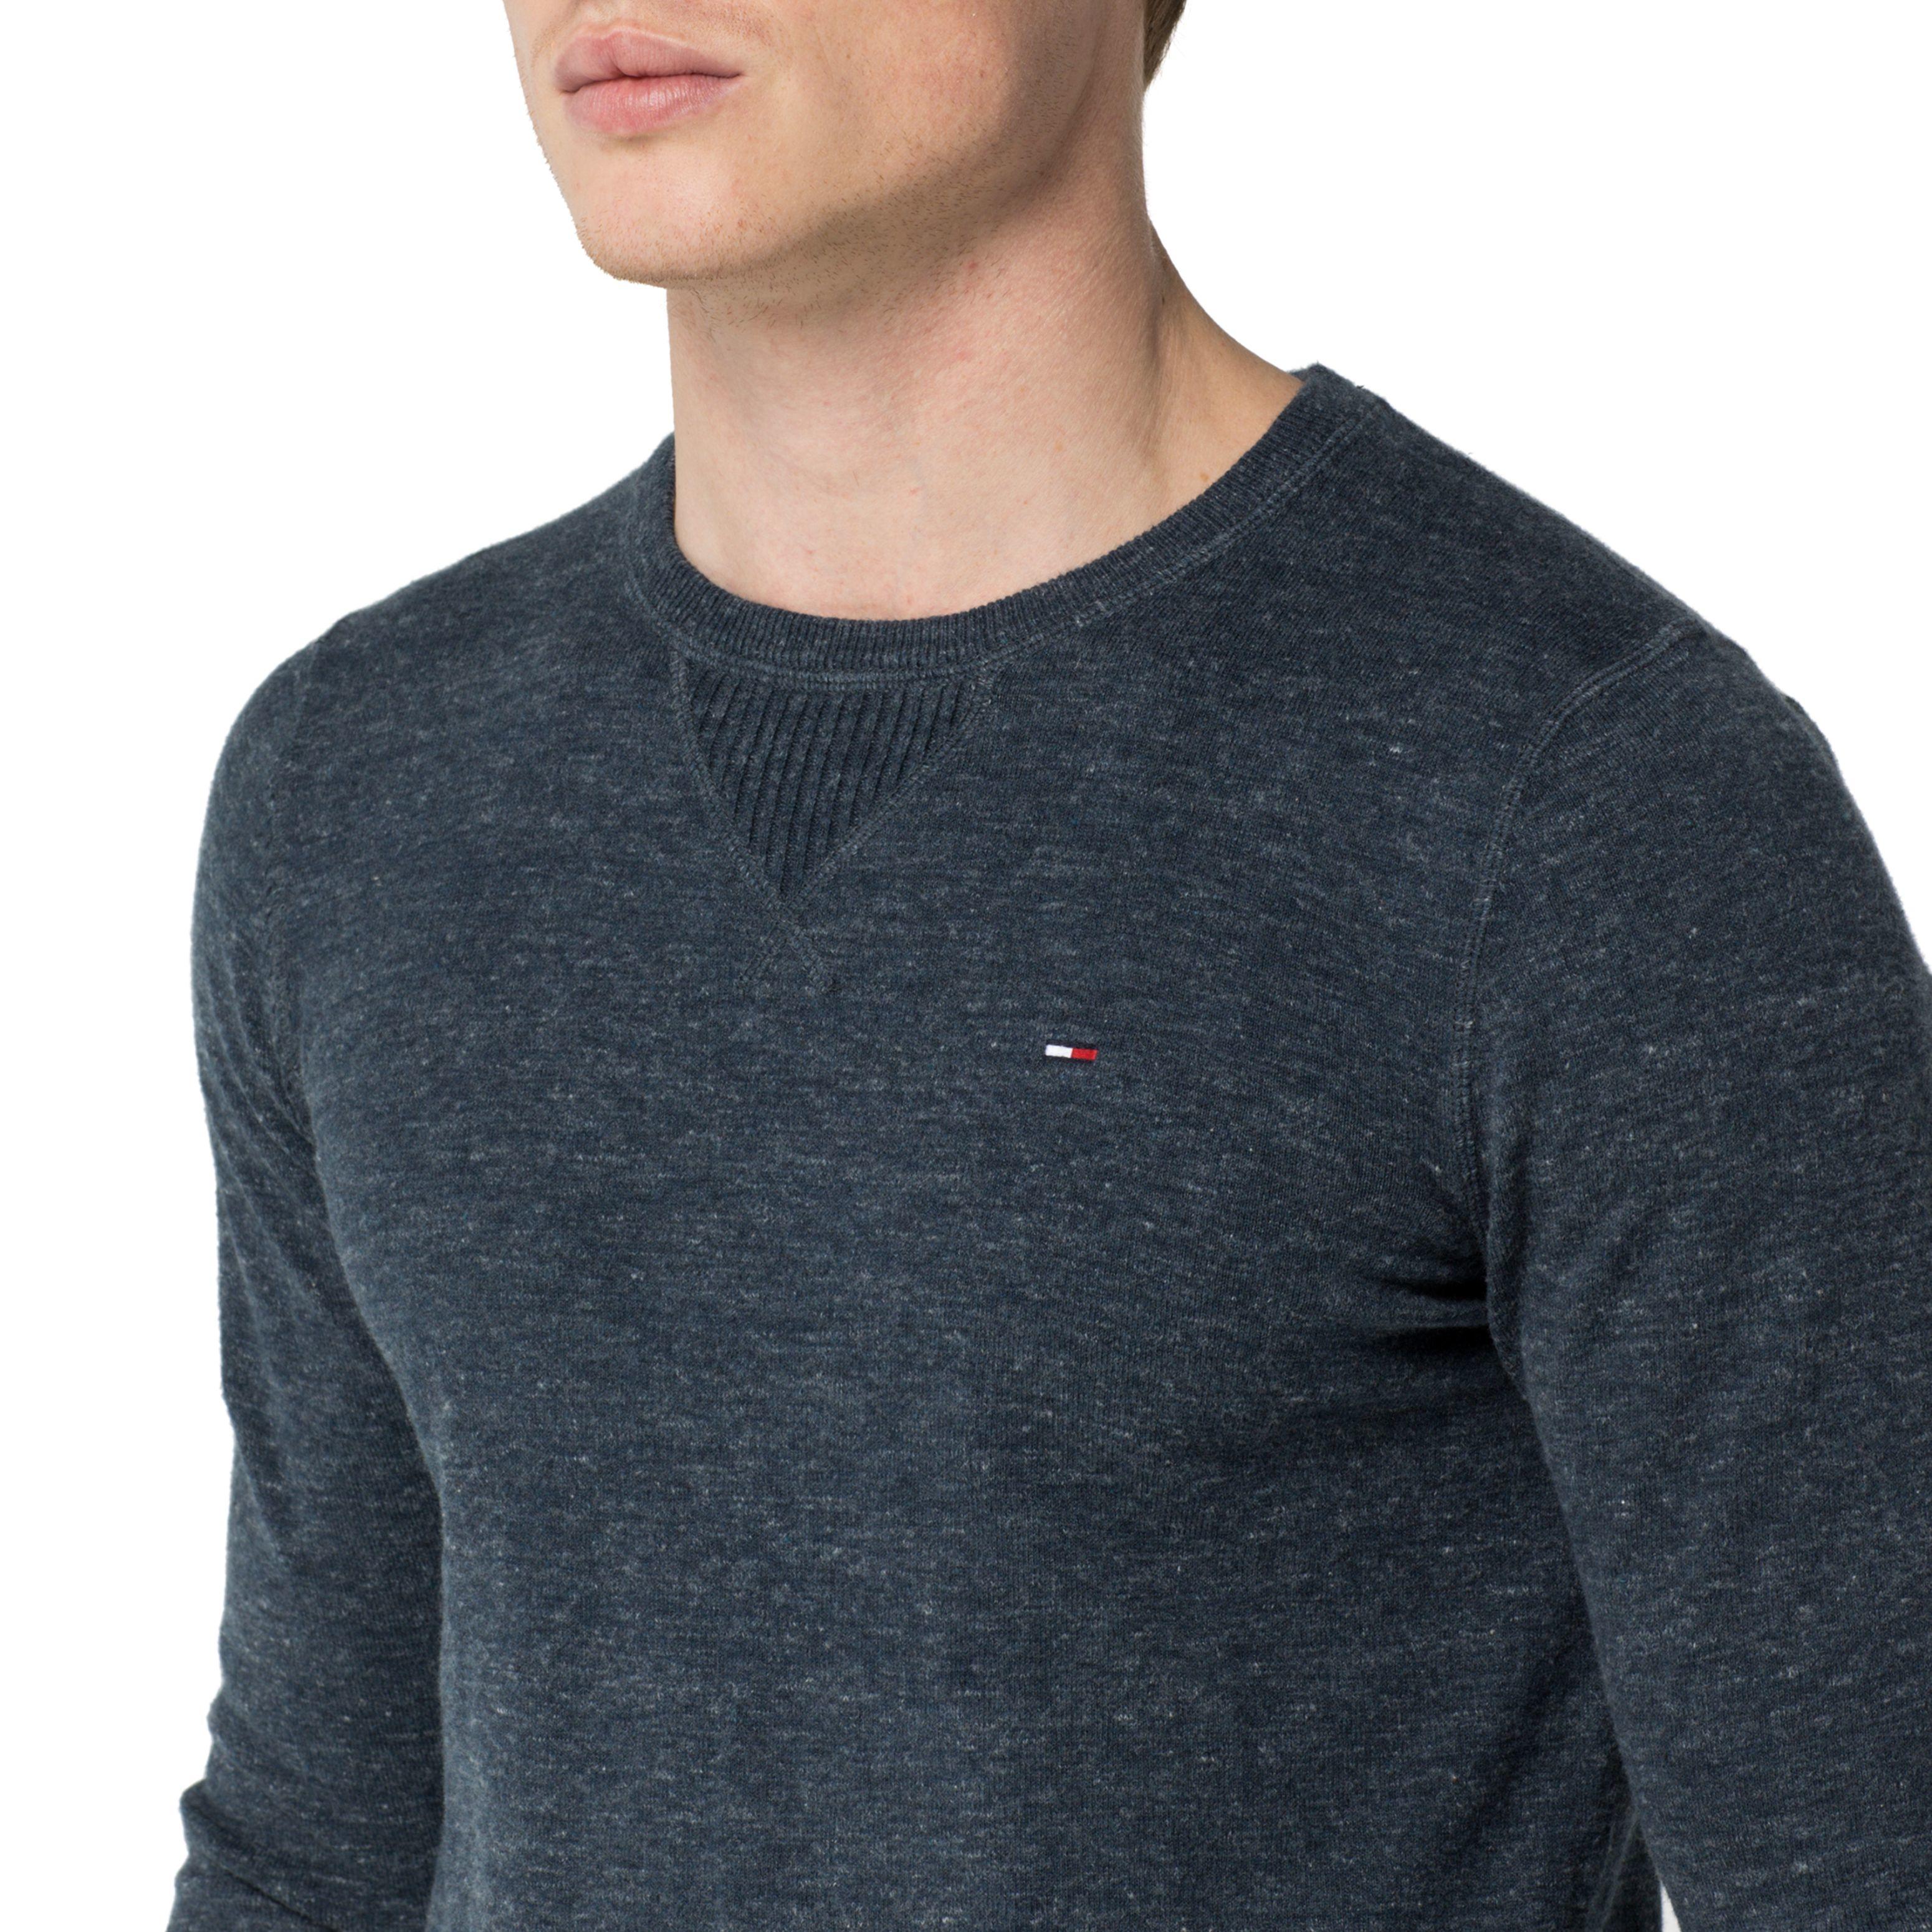 lyst tommy hilfiger ethan sweater in blue for men. Black Bedroom Furniture Sets. Home Design Ideas